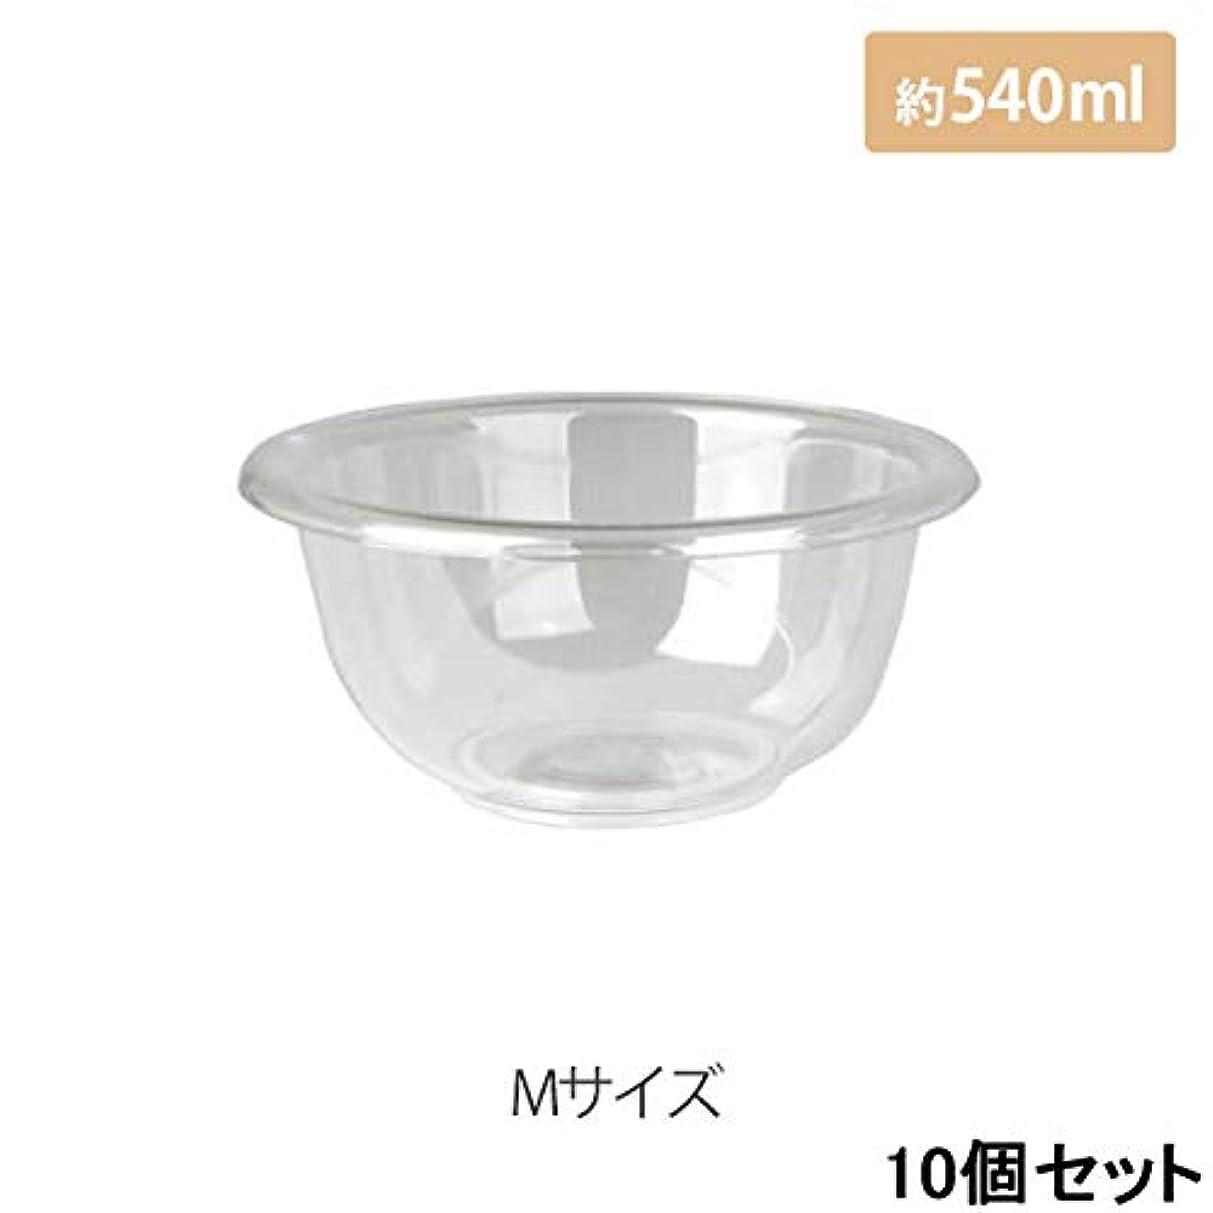 連帯魅力大胆なマイスター プラスティックボウル (Mサイズ) クリア 直径17cm (10個セット) [ プラスチックボール カップボウル カップボール エステ サロン プラスチック ボウル カップ 割れない ]